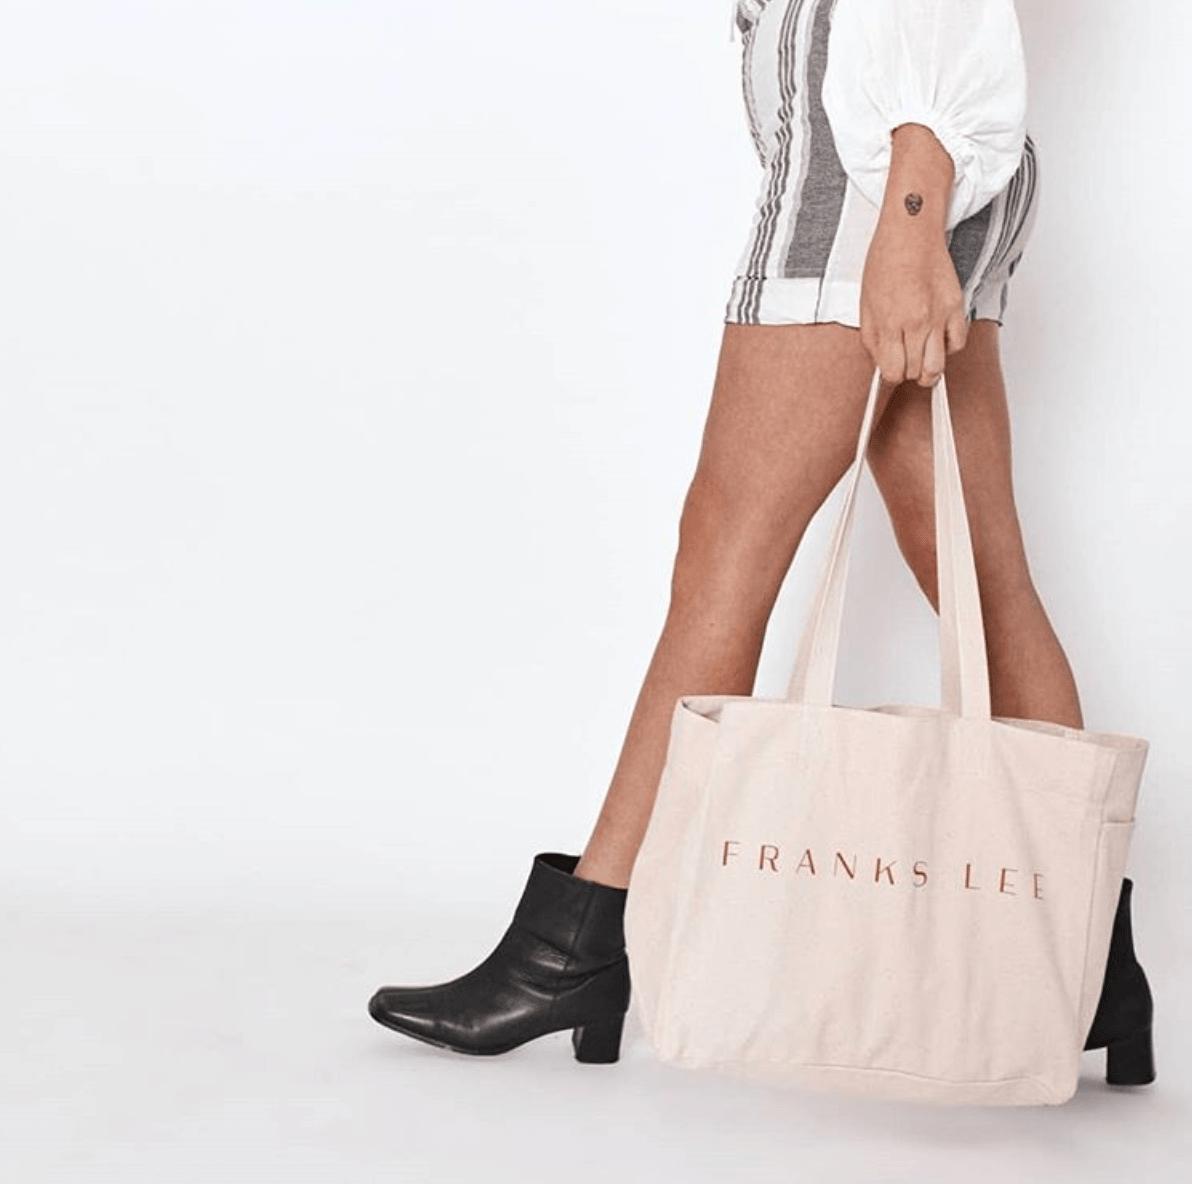 Model carrying Franks Lee bag